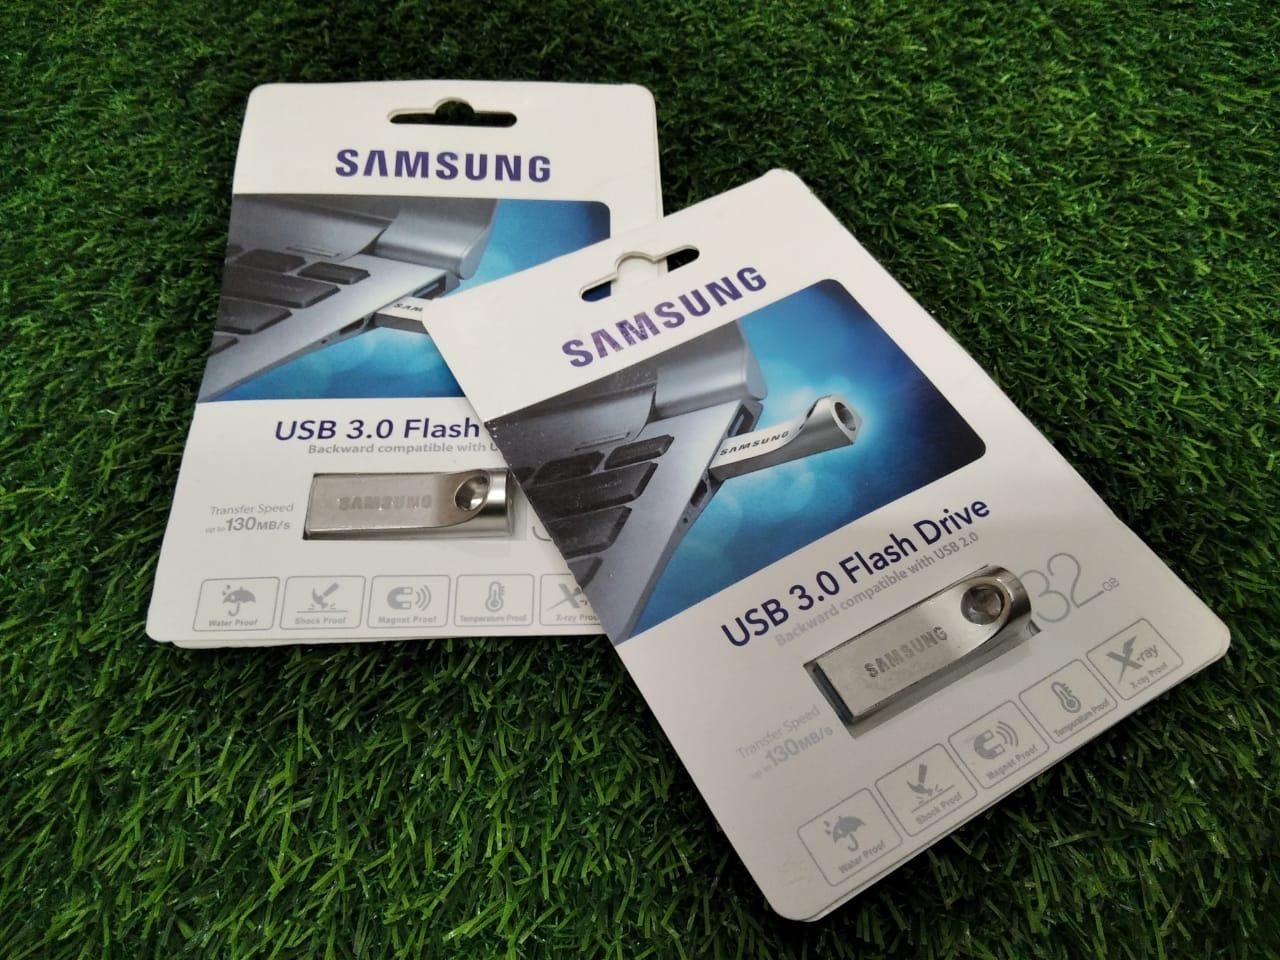 USB 3.0 Flash Drive 32GB